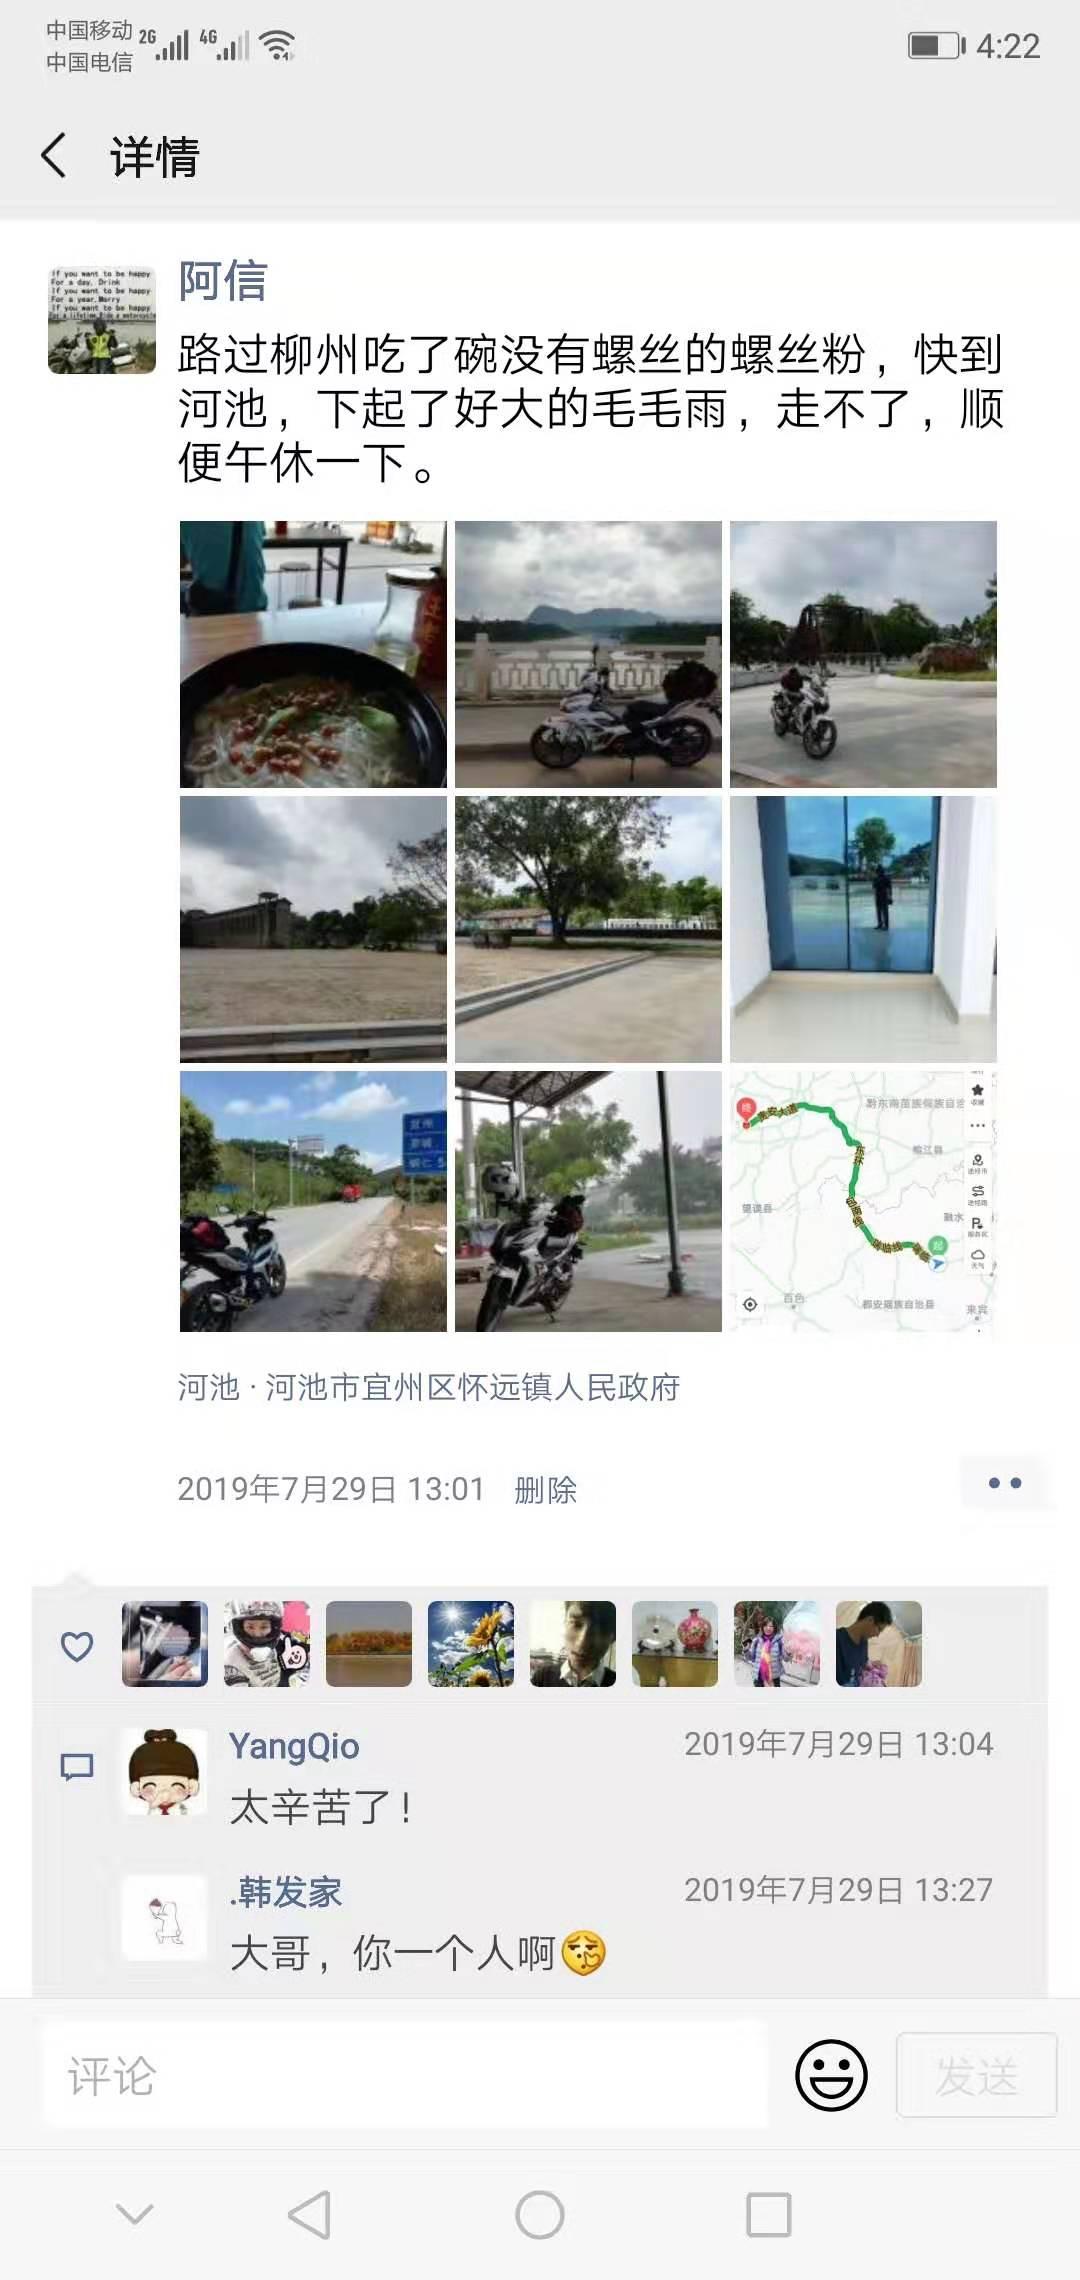 微信图片_20190815162243.jpg